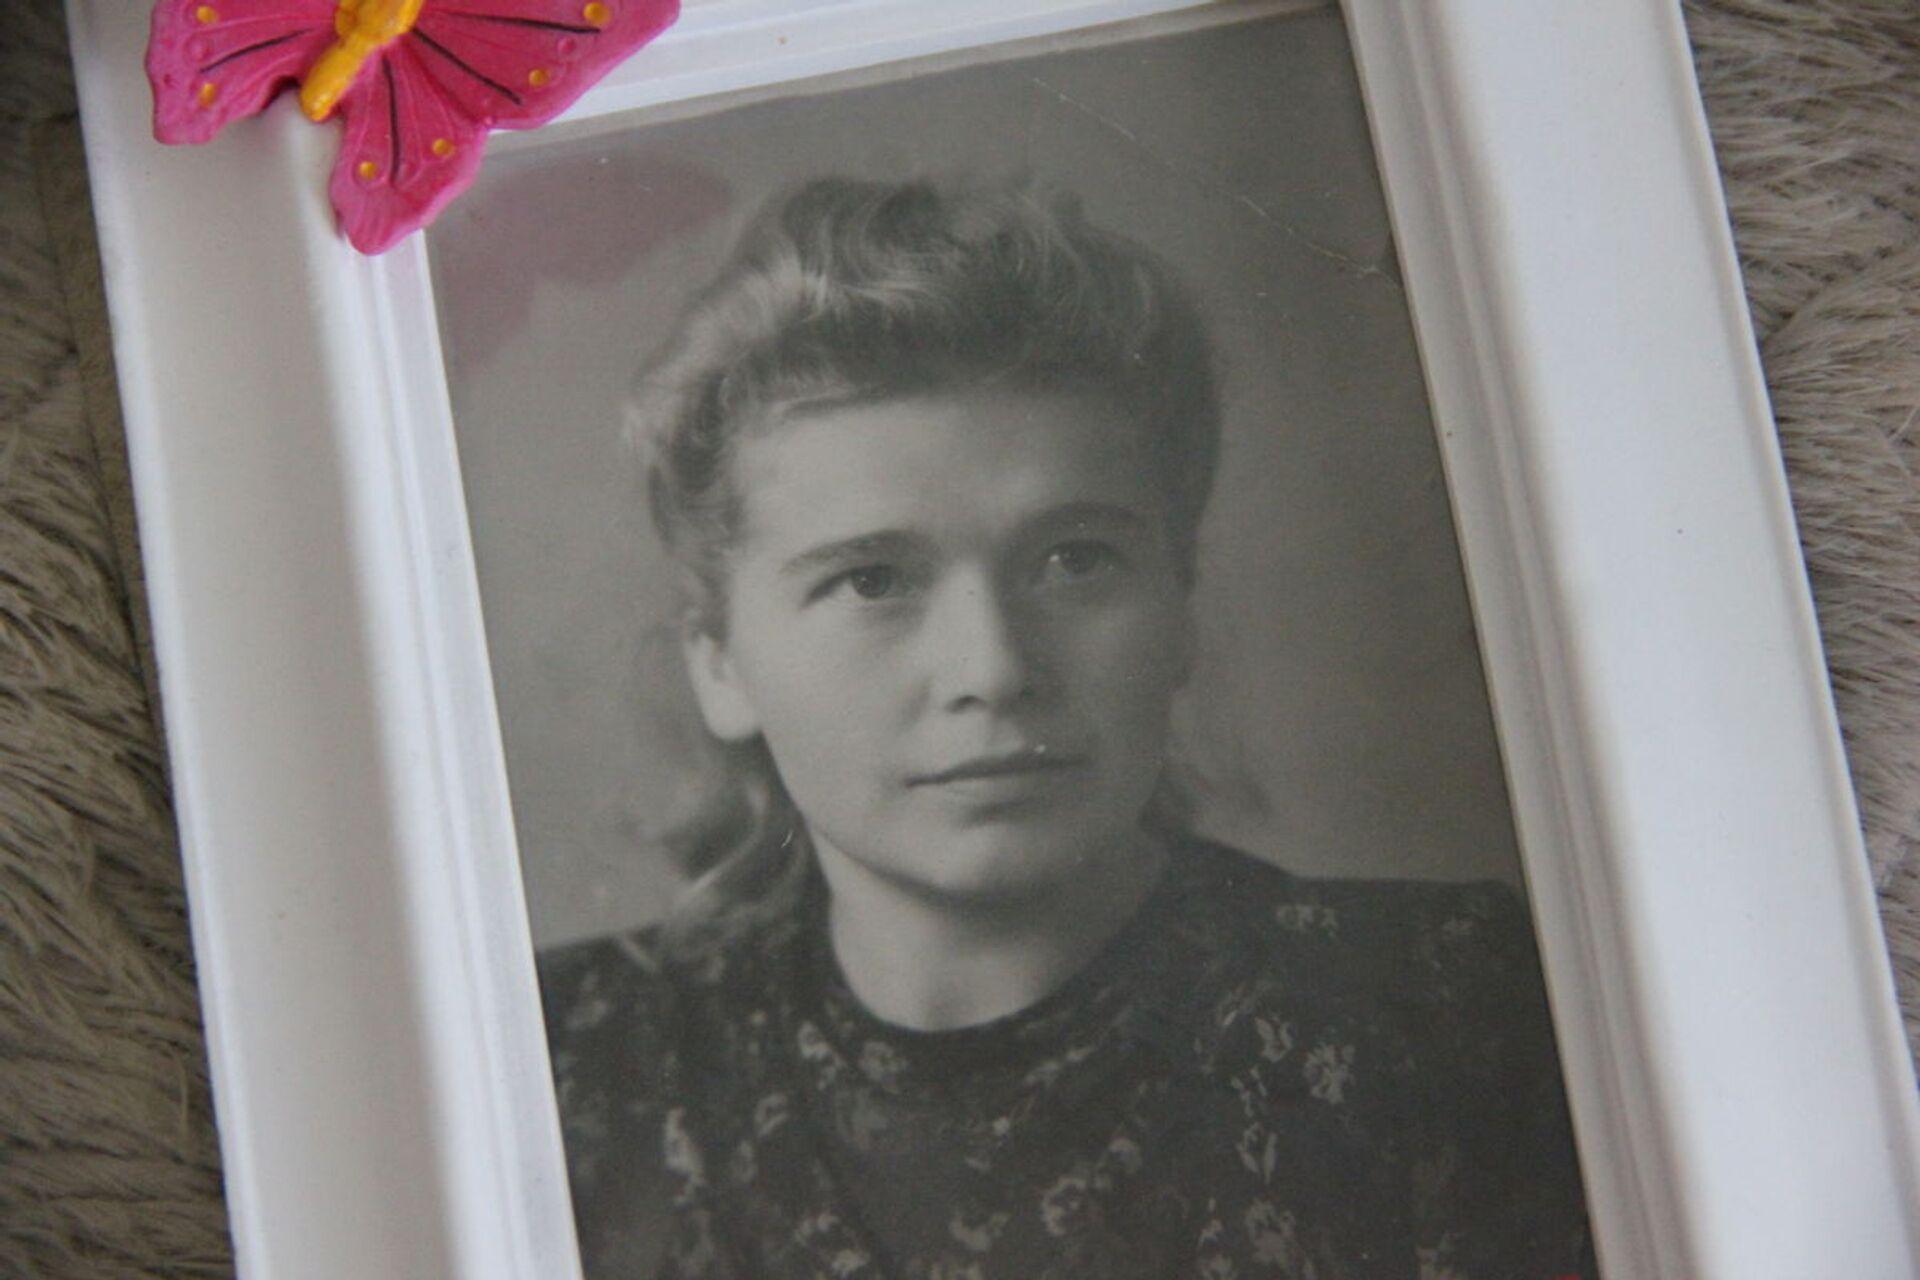 Войну Елизавета застала во время учебы в педучилище - ей тогда было 16 лет - Sputnik Беларусь, 1920, 29.06.2021